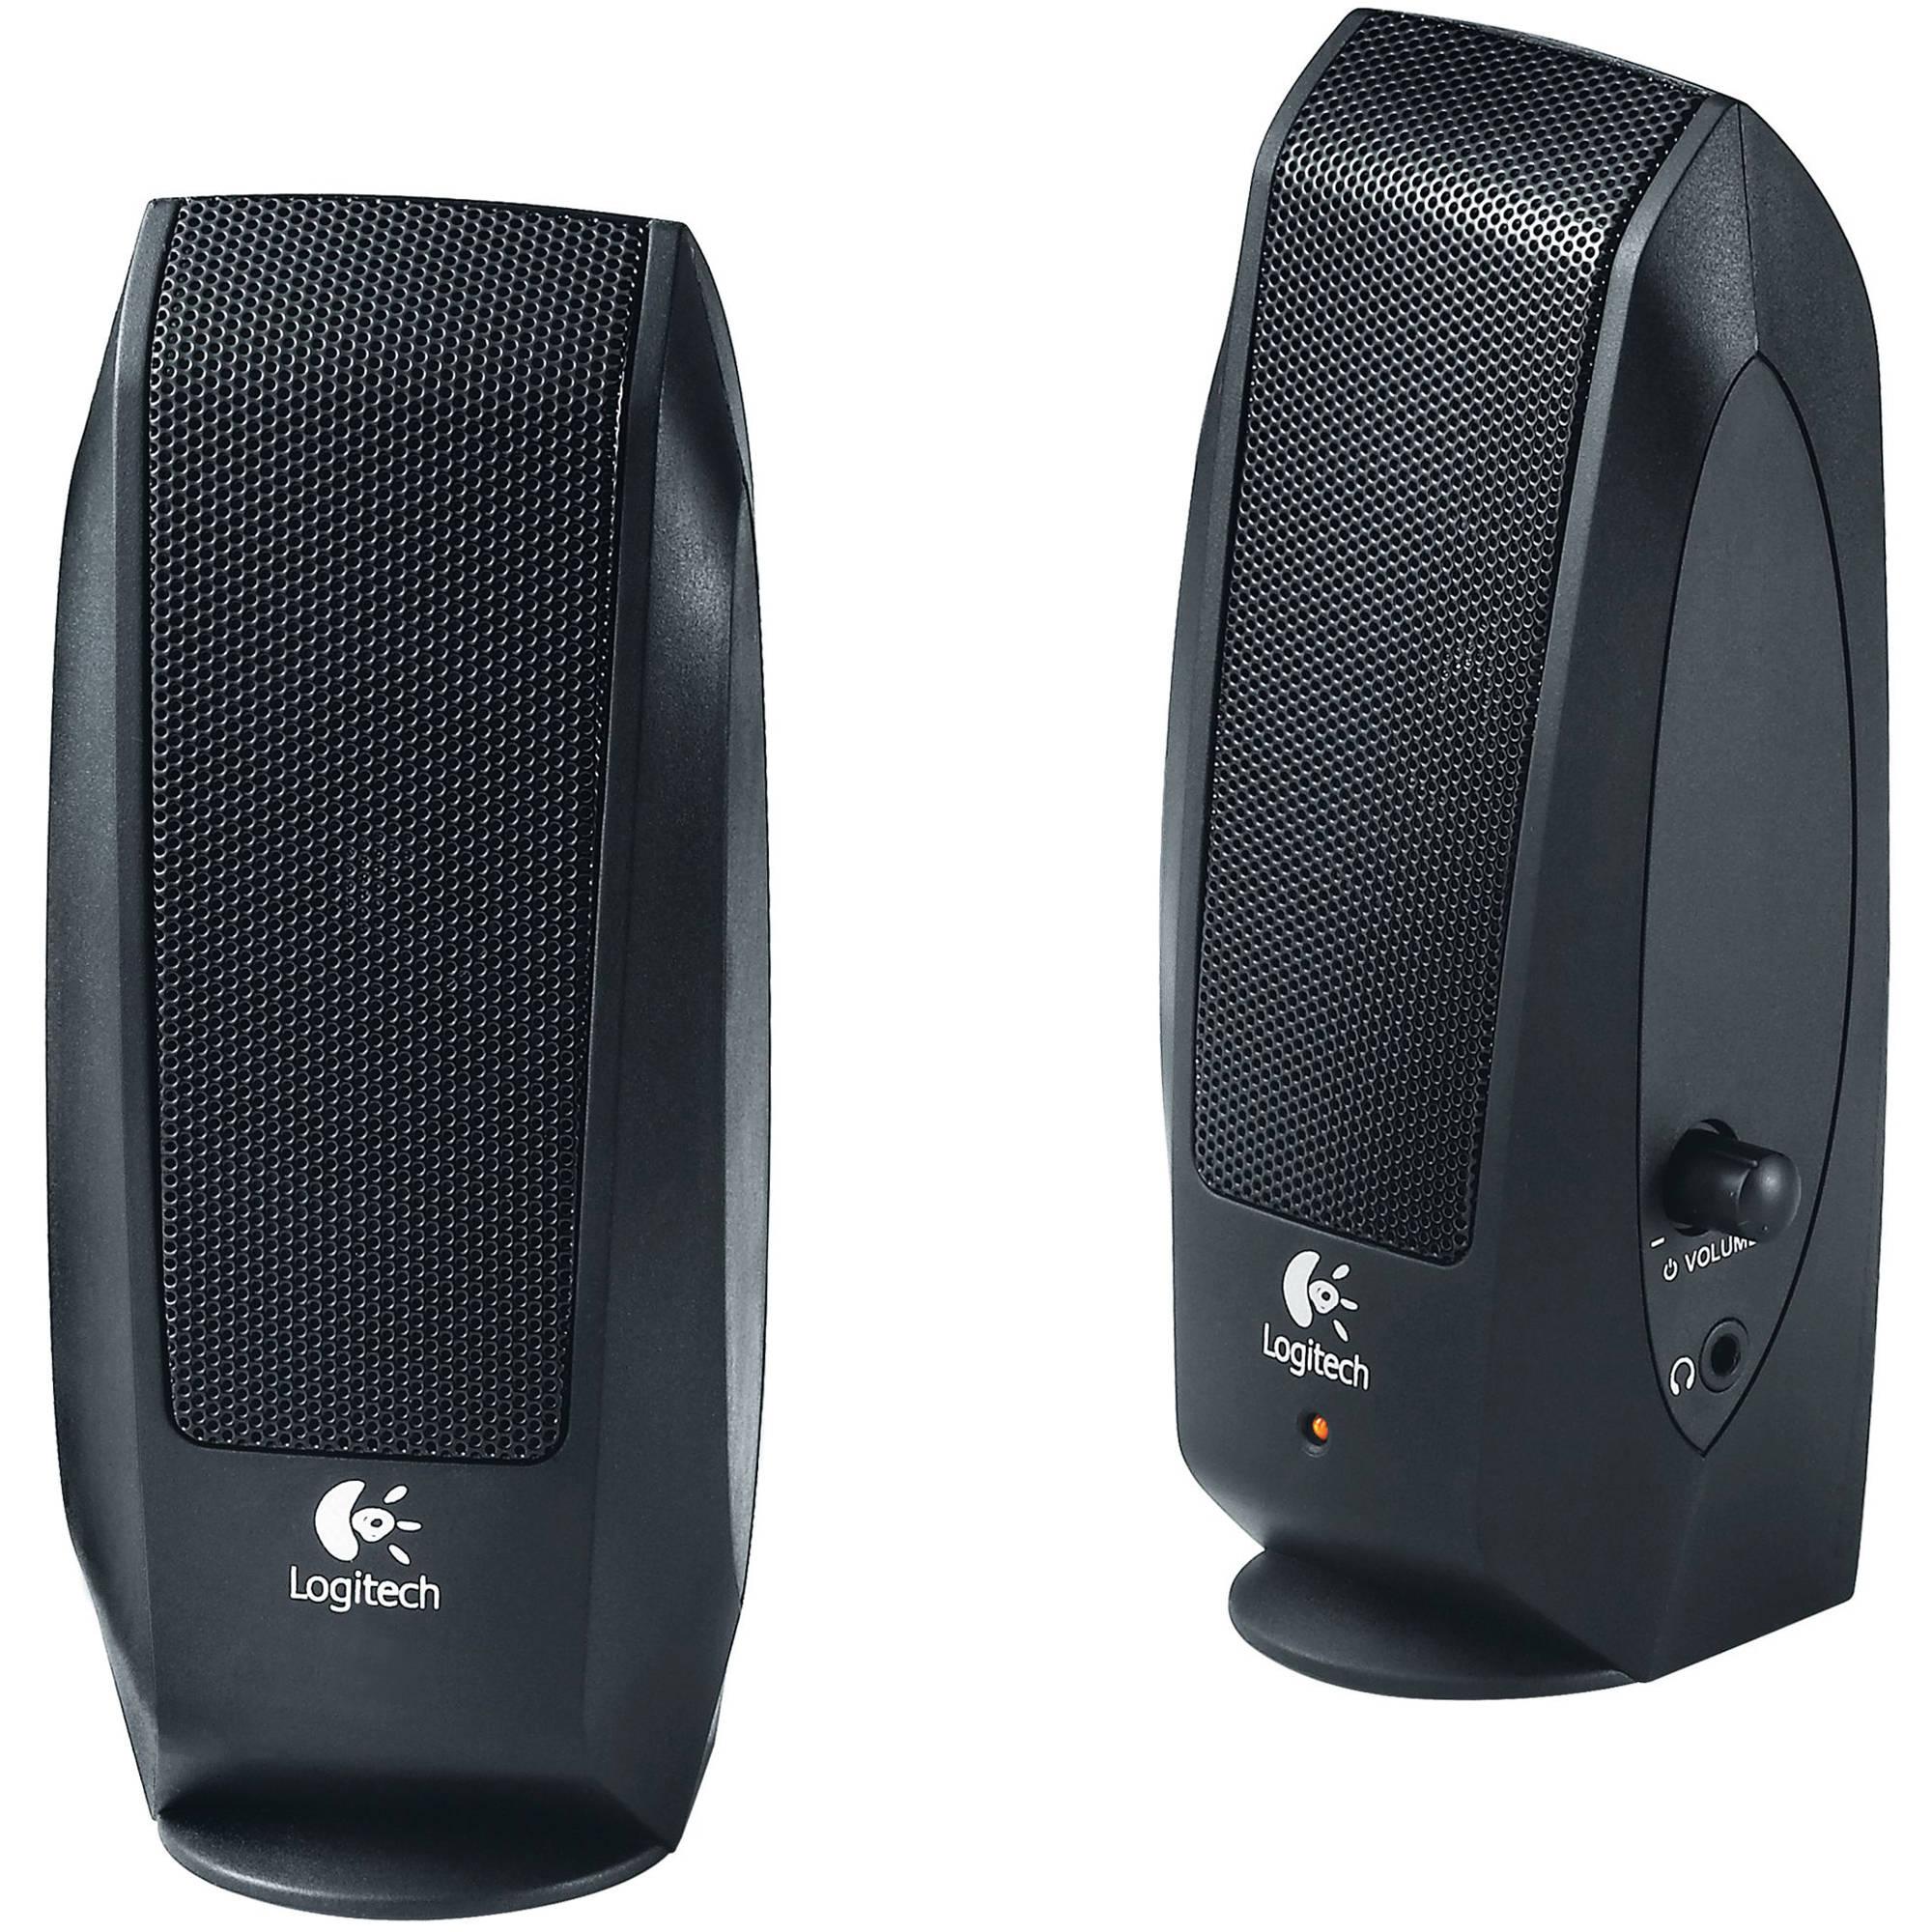 Logitech s 120 speaker system